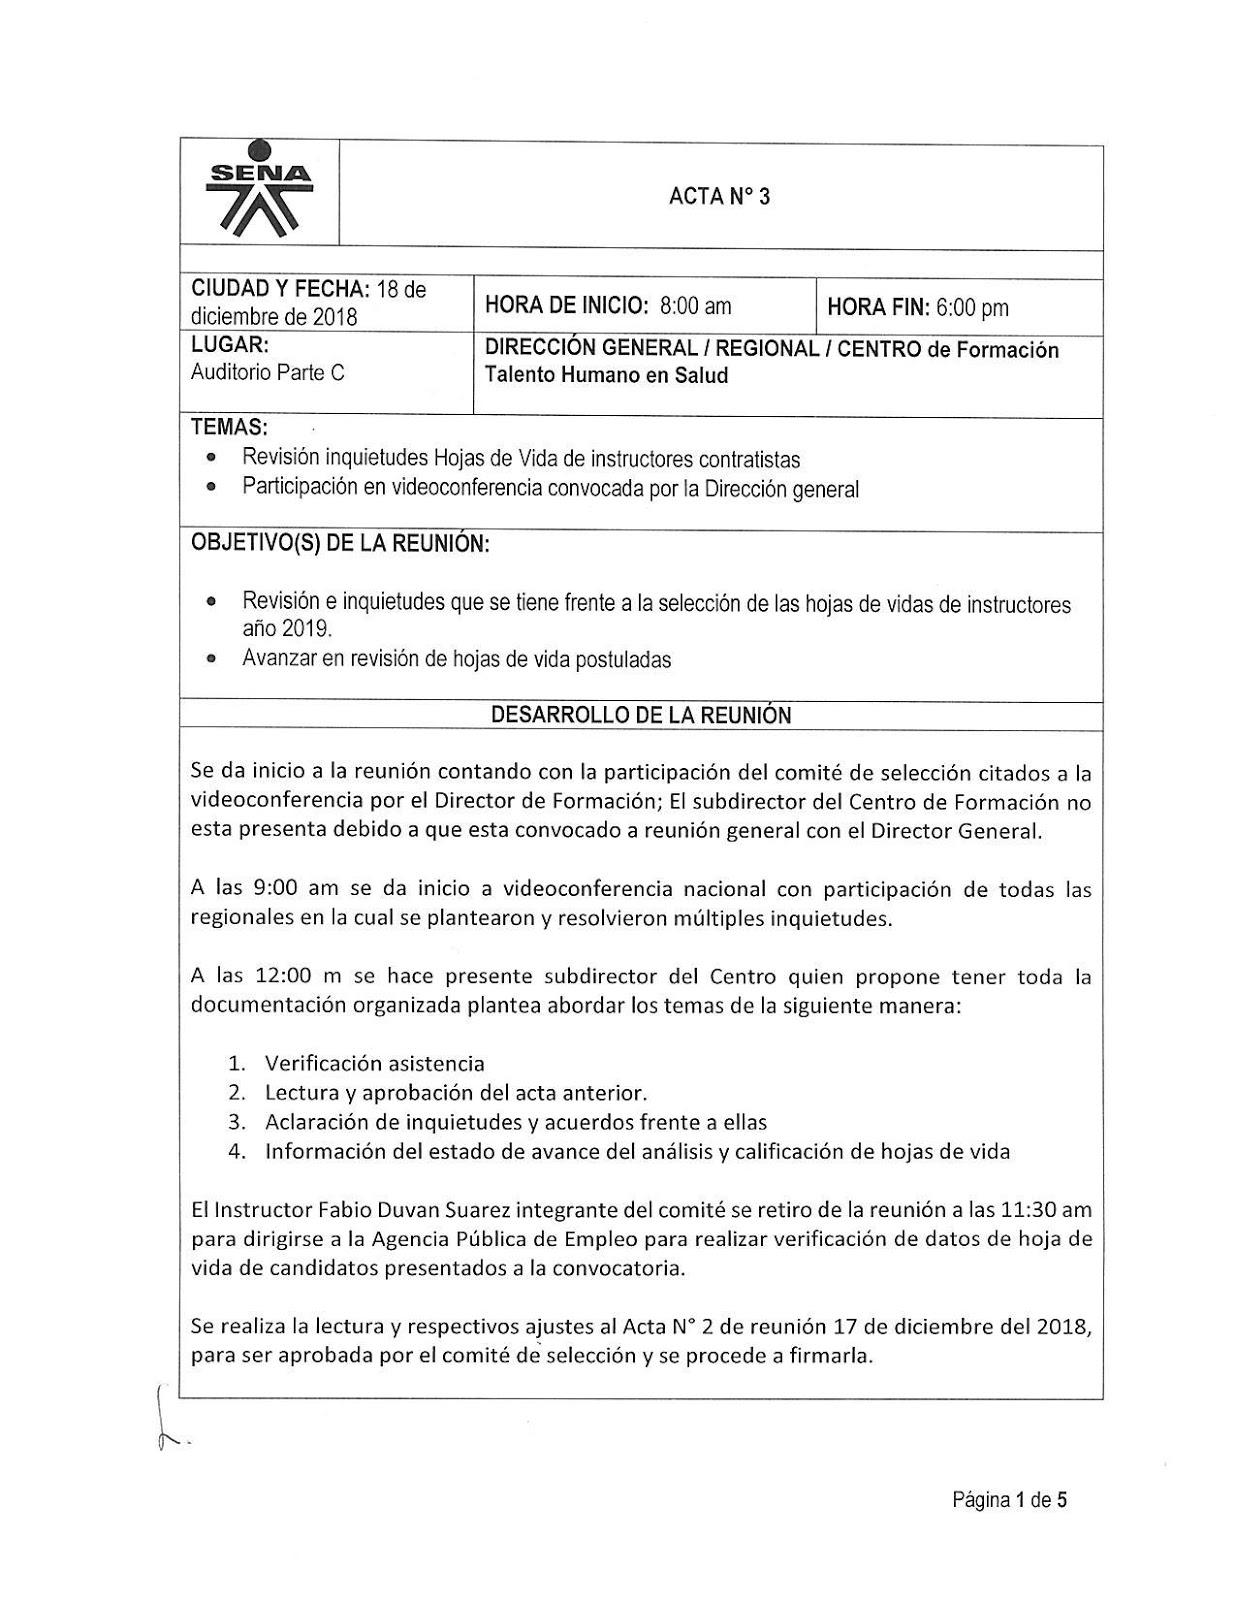 Centro De Formacion De Talento Humano En Salud Sena Distrito Capital